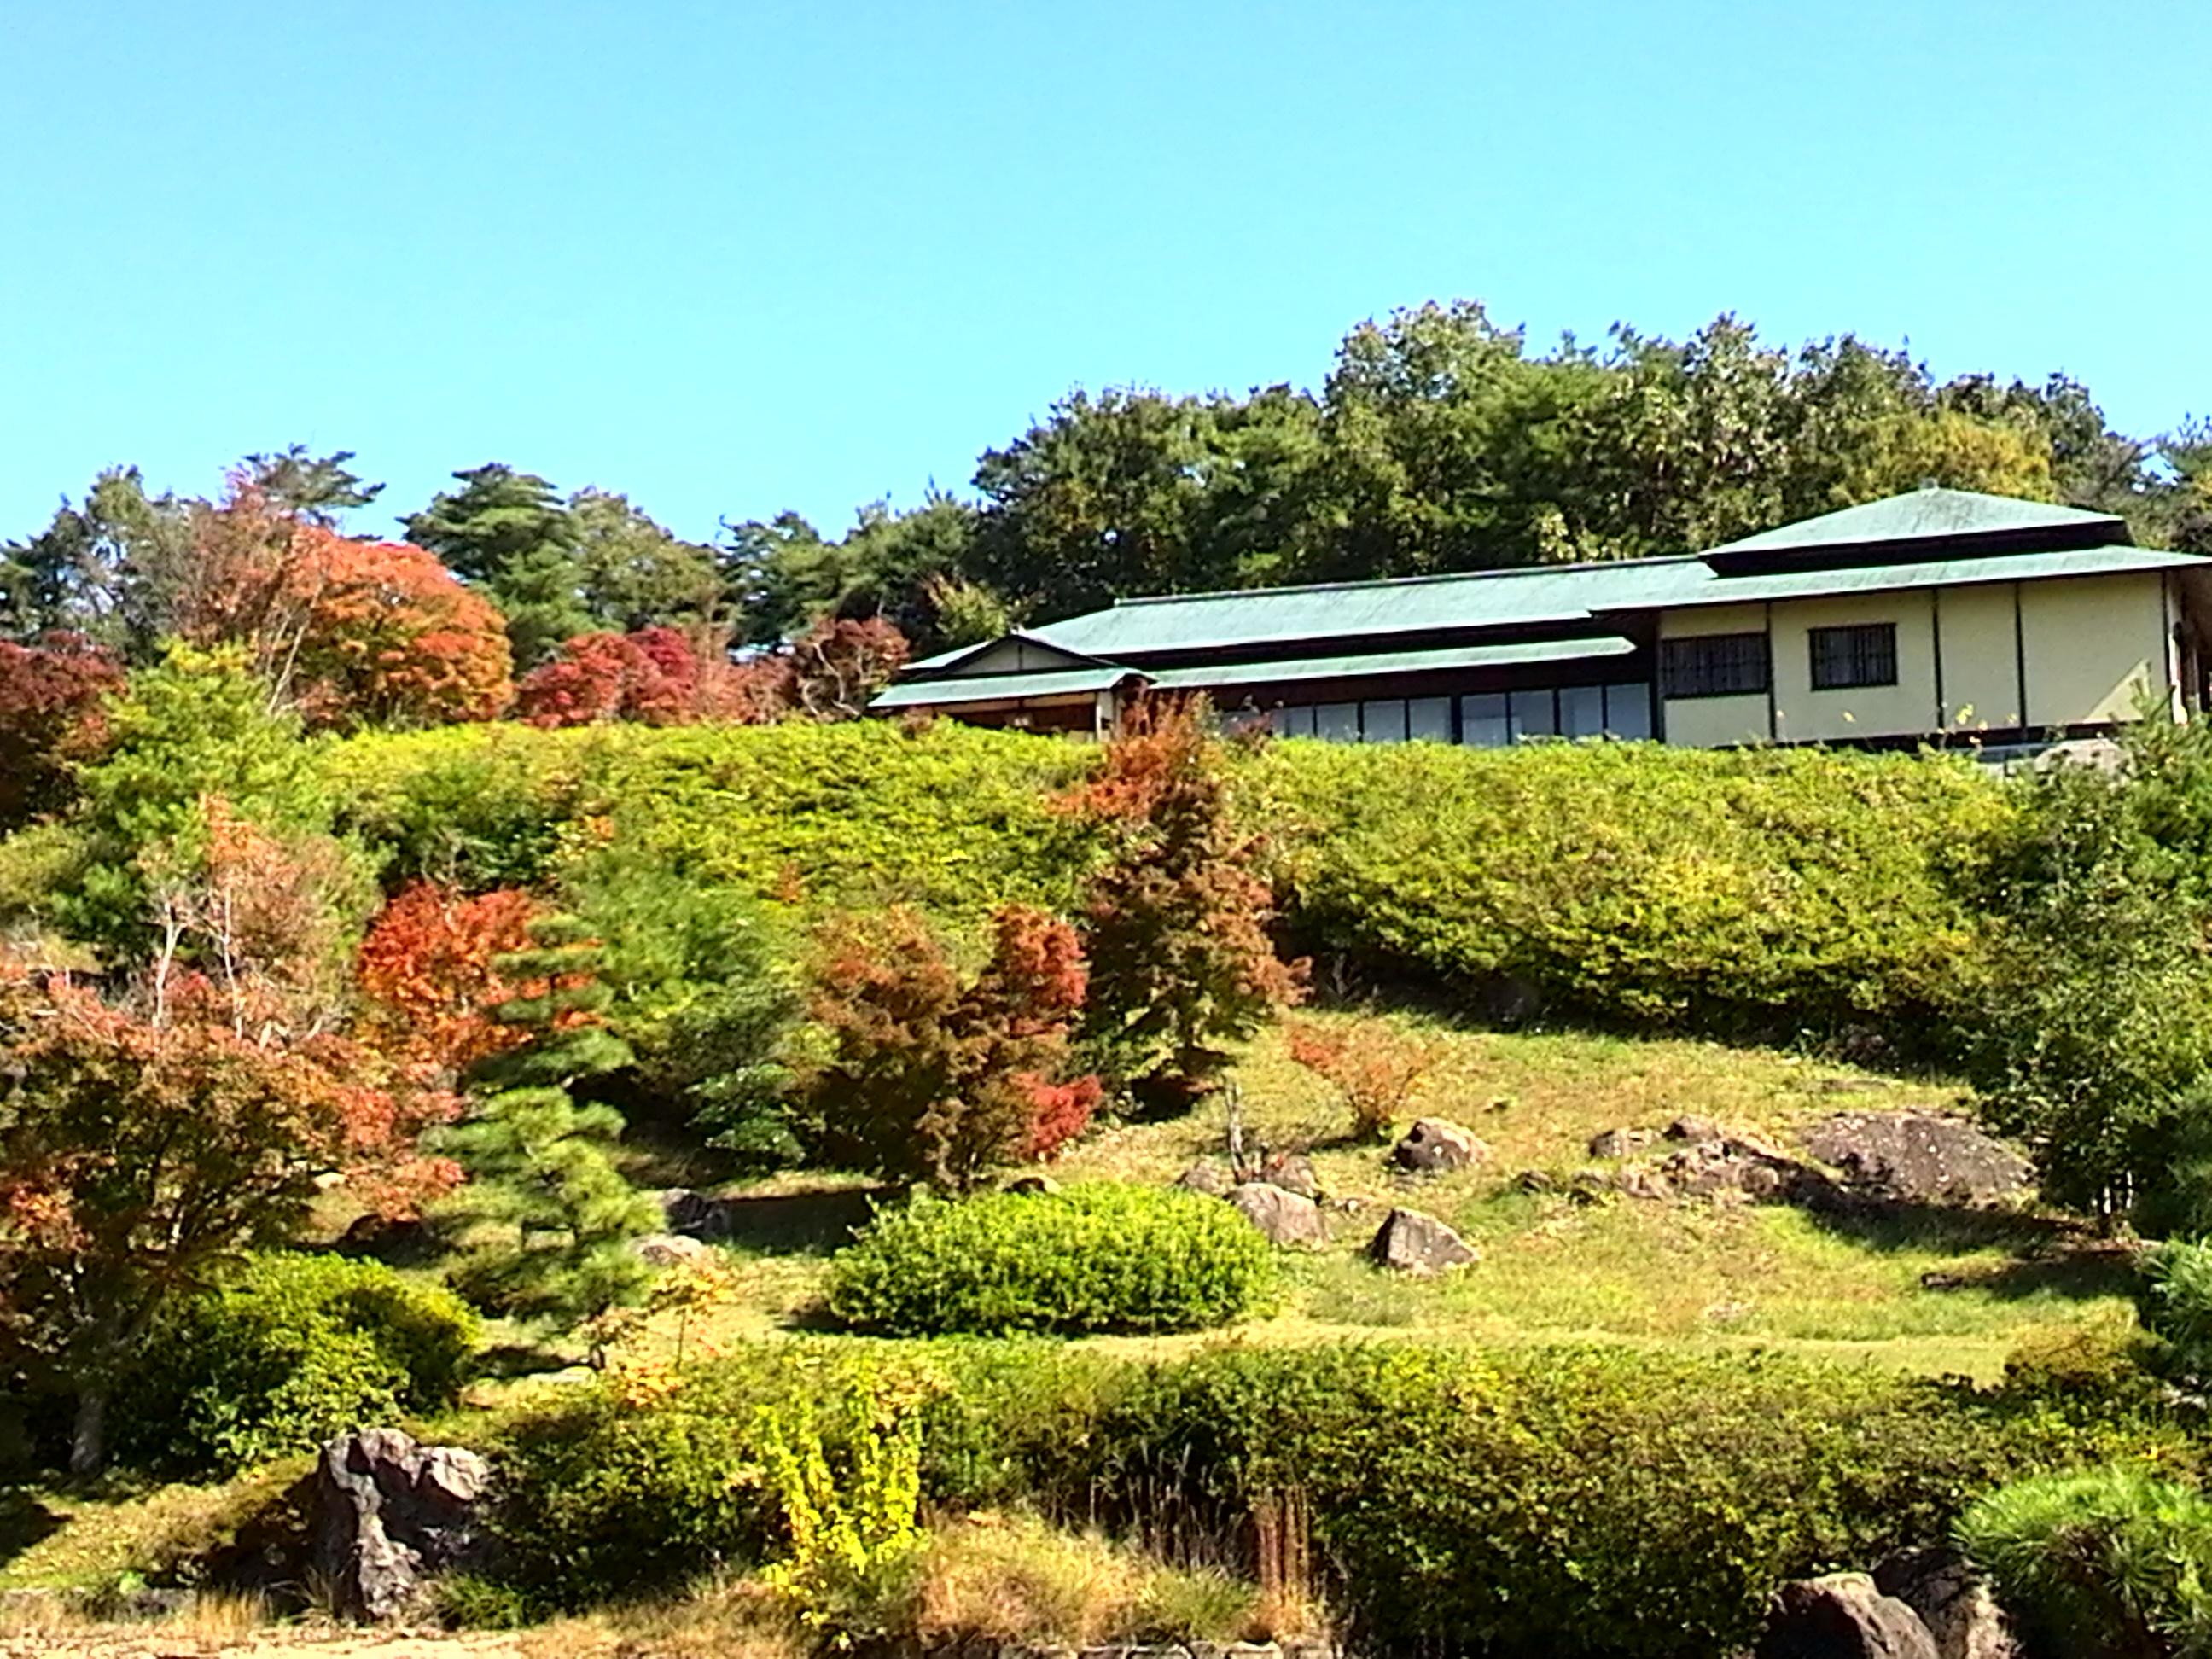 茶室「双忘亭」から見える山並みは美しい景色です